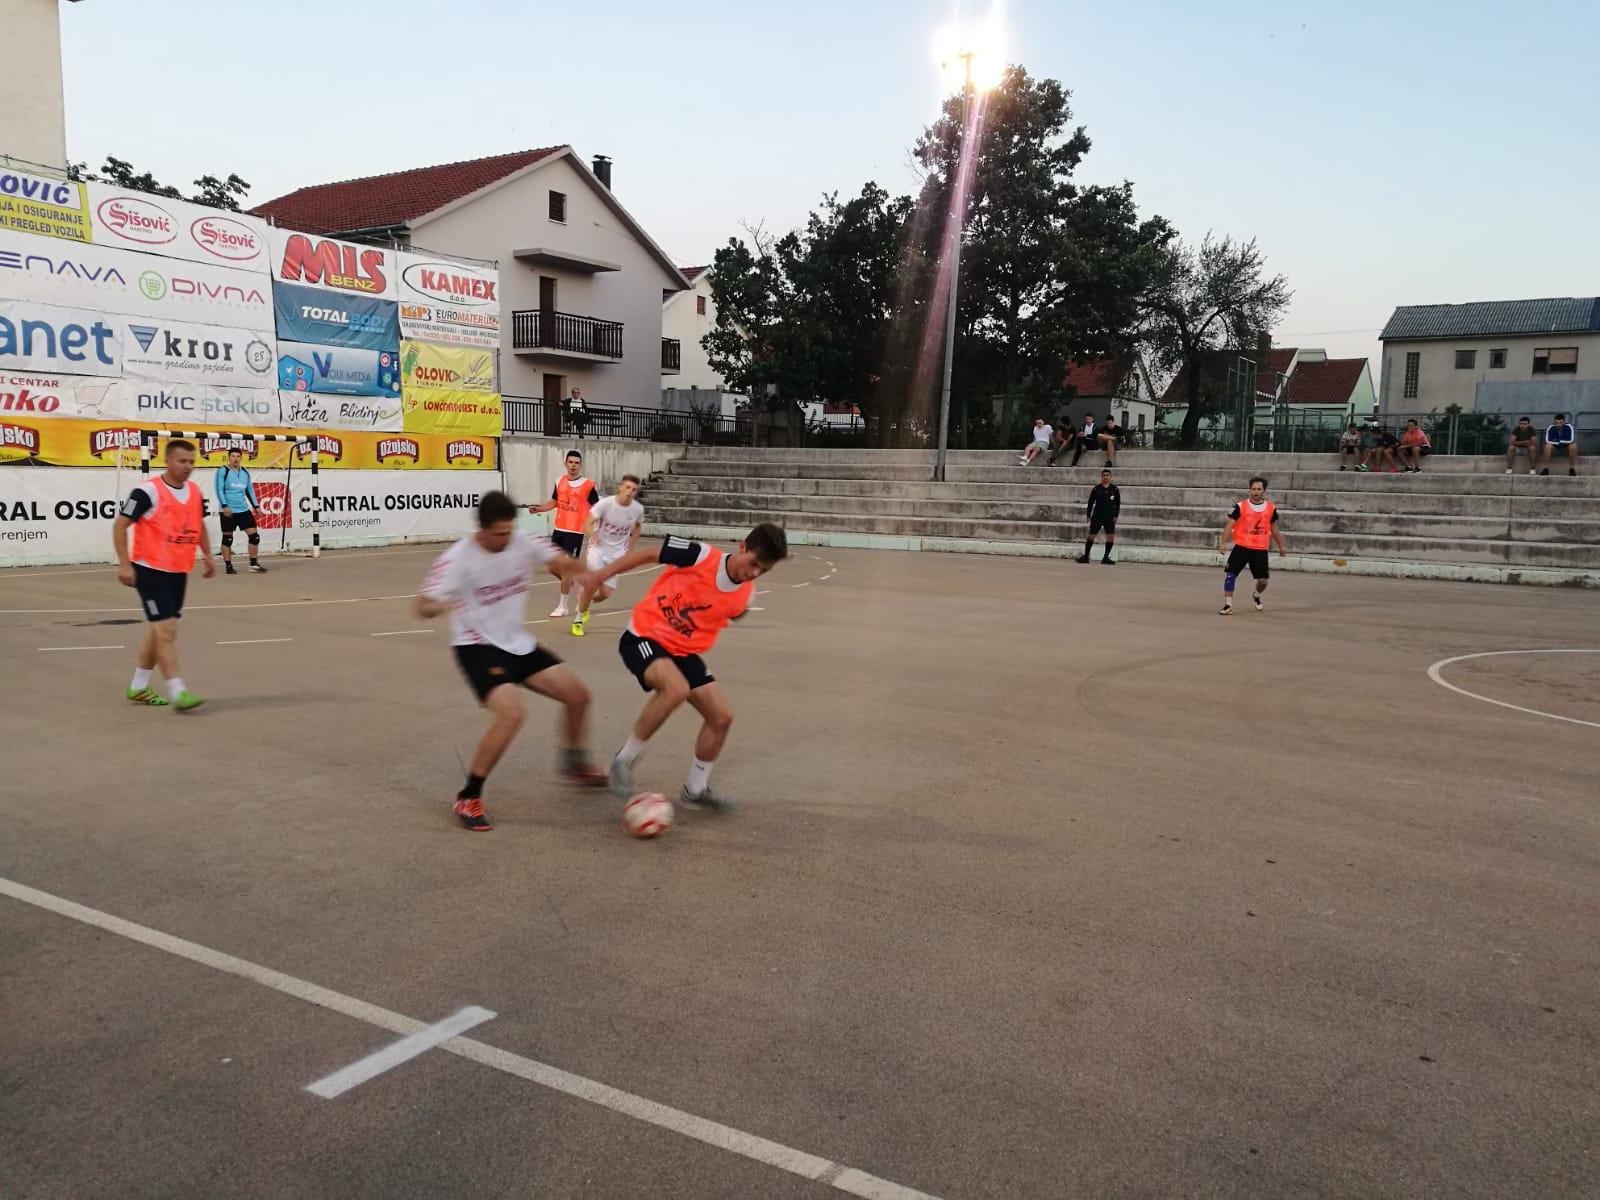 Vinjani preko M. Briga do četvrtfinala s Gracom